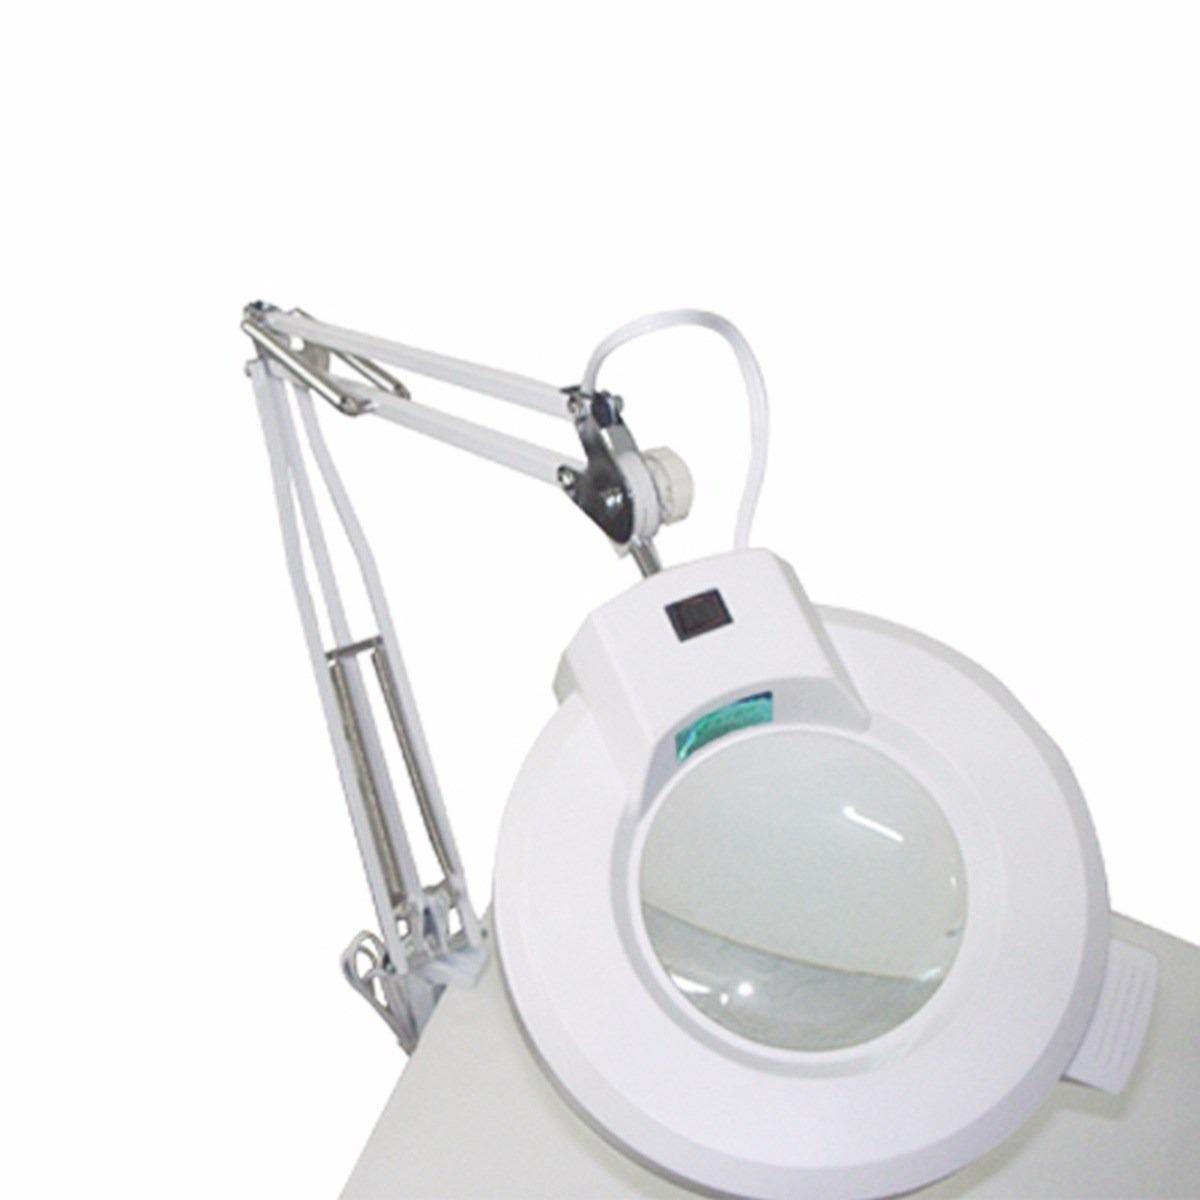 Lupa De Aumento Led Para Bancada Apoio De Mesa Estek Bivolt - R  416,99 em  Mercado Livre dbe80166c1